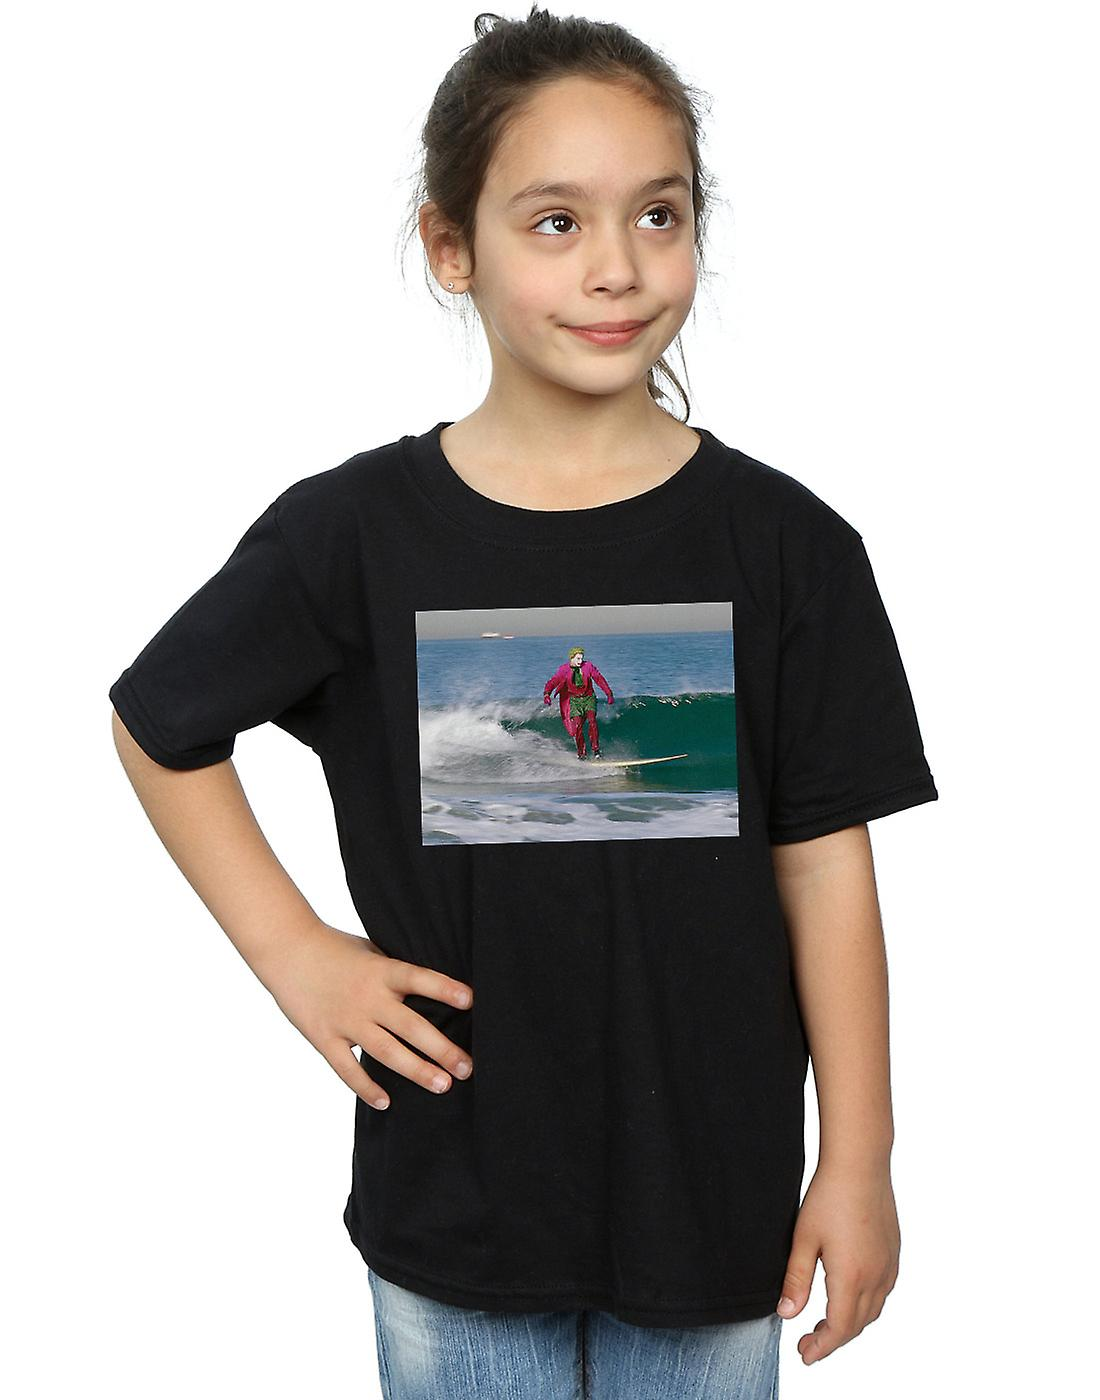 DC Comics Girls Batman TV Series Joker Surfing T-Shirt